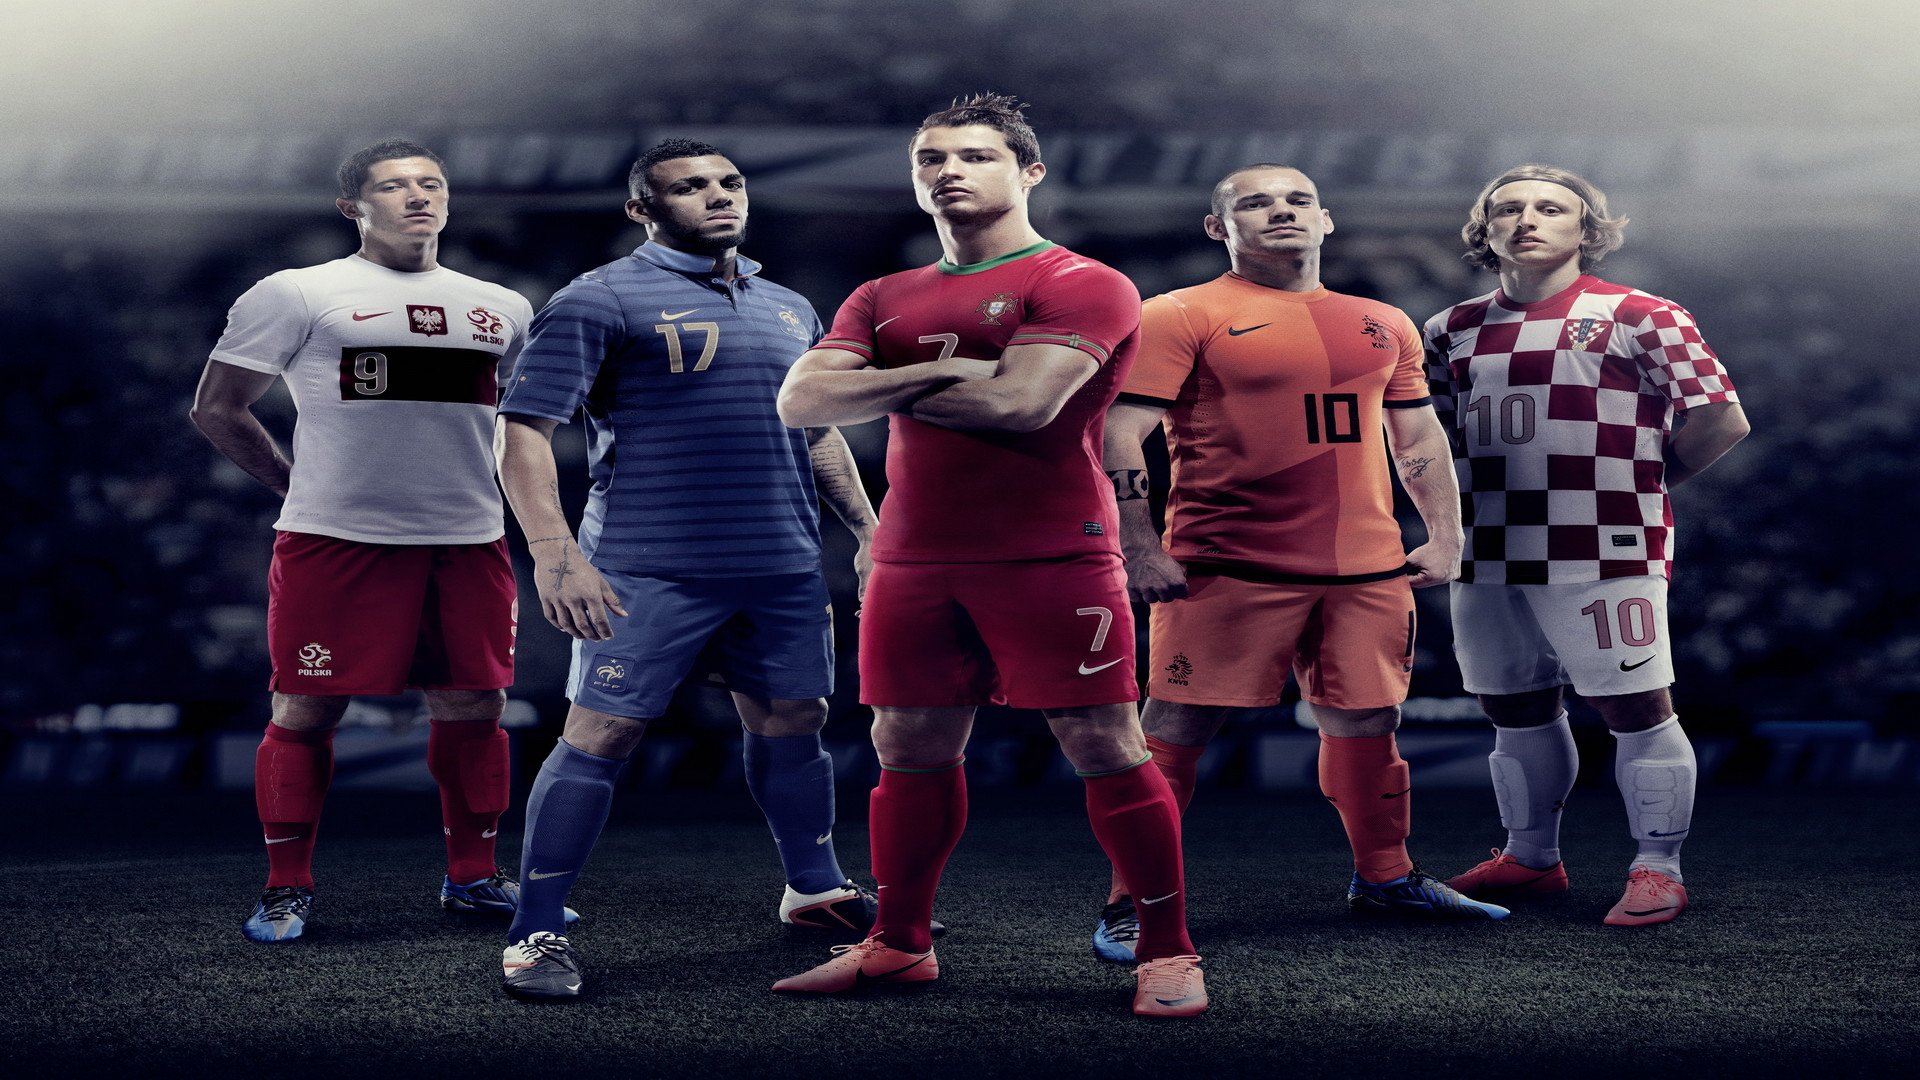 картинки футбол на рабочий стол в хорошем качестве